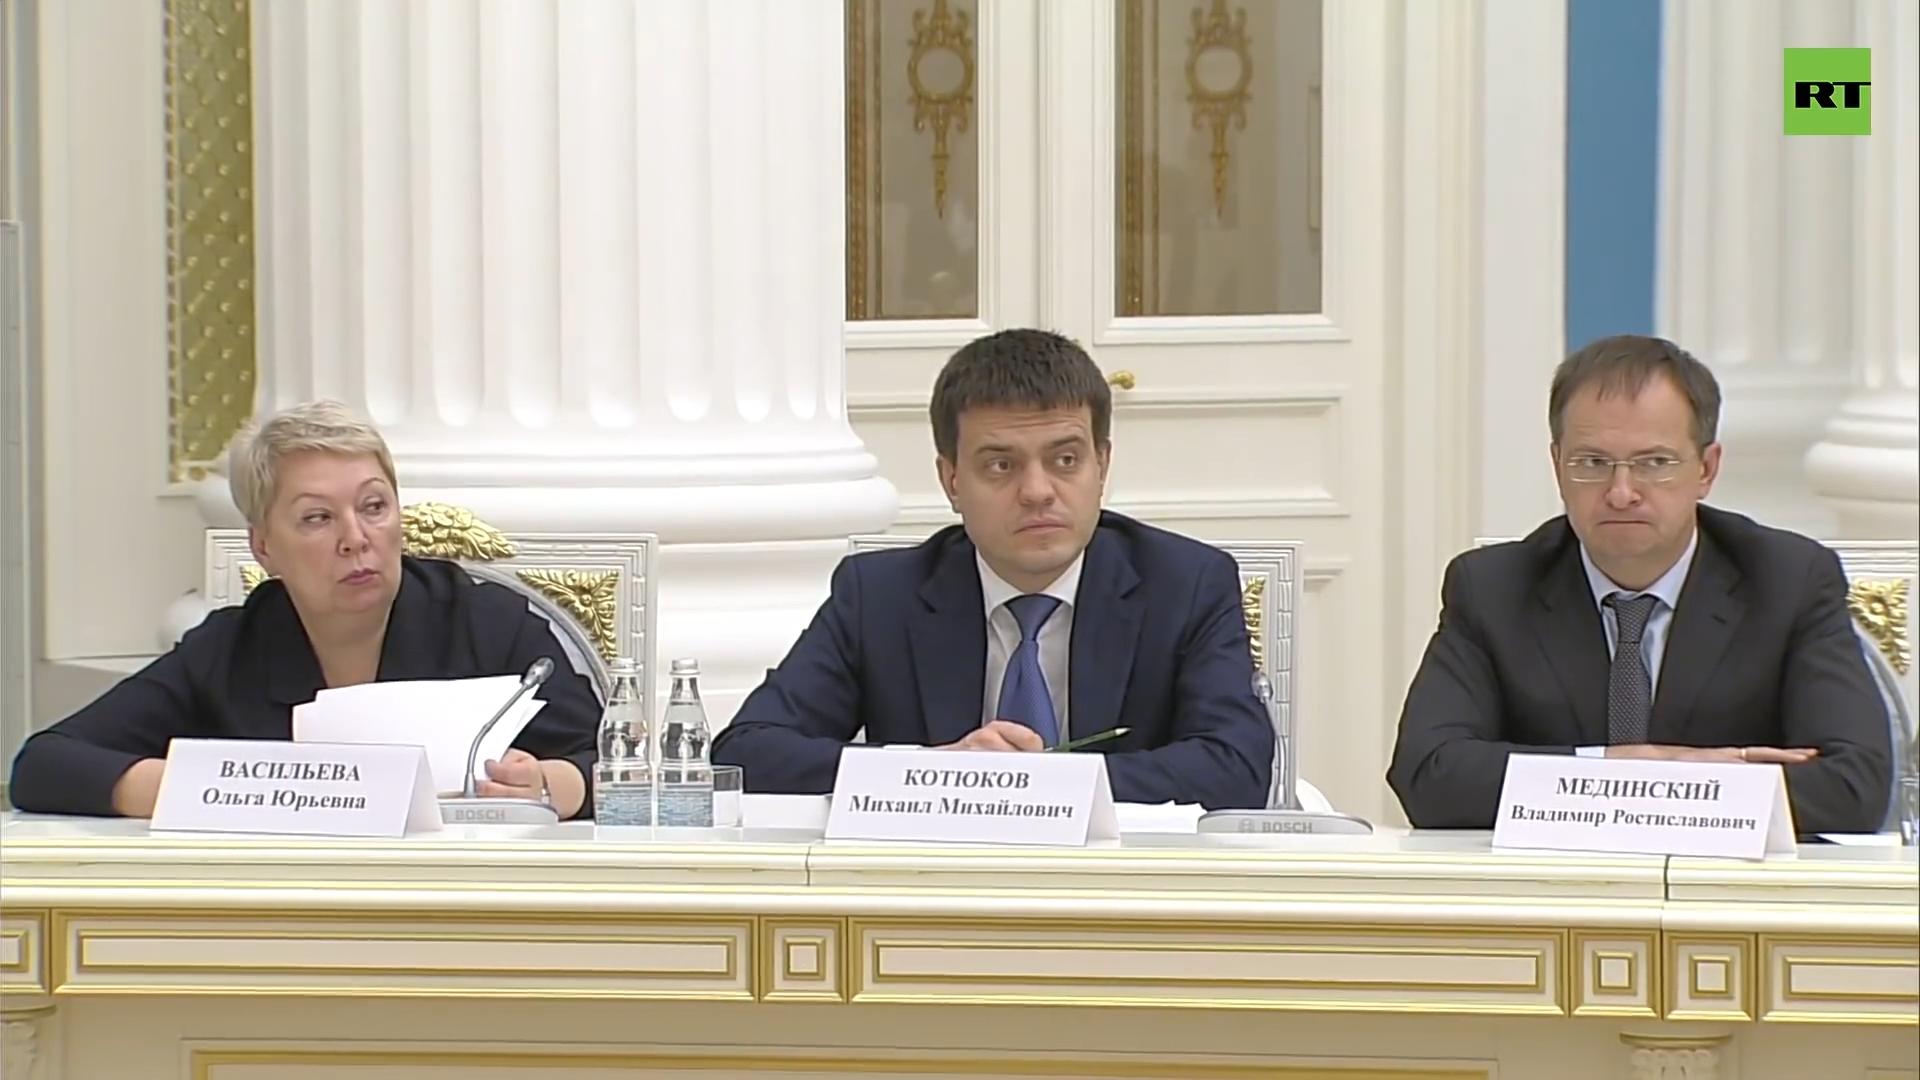 20191105_17-29-Путин поддержал идею организации юбилея Пушкина в 2024 году-pic7